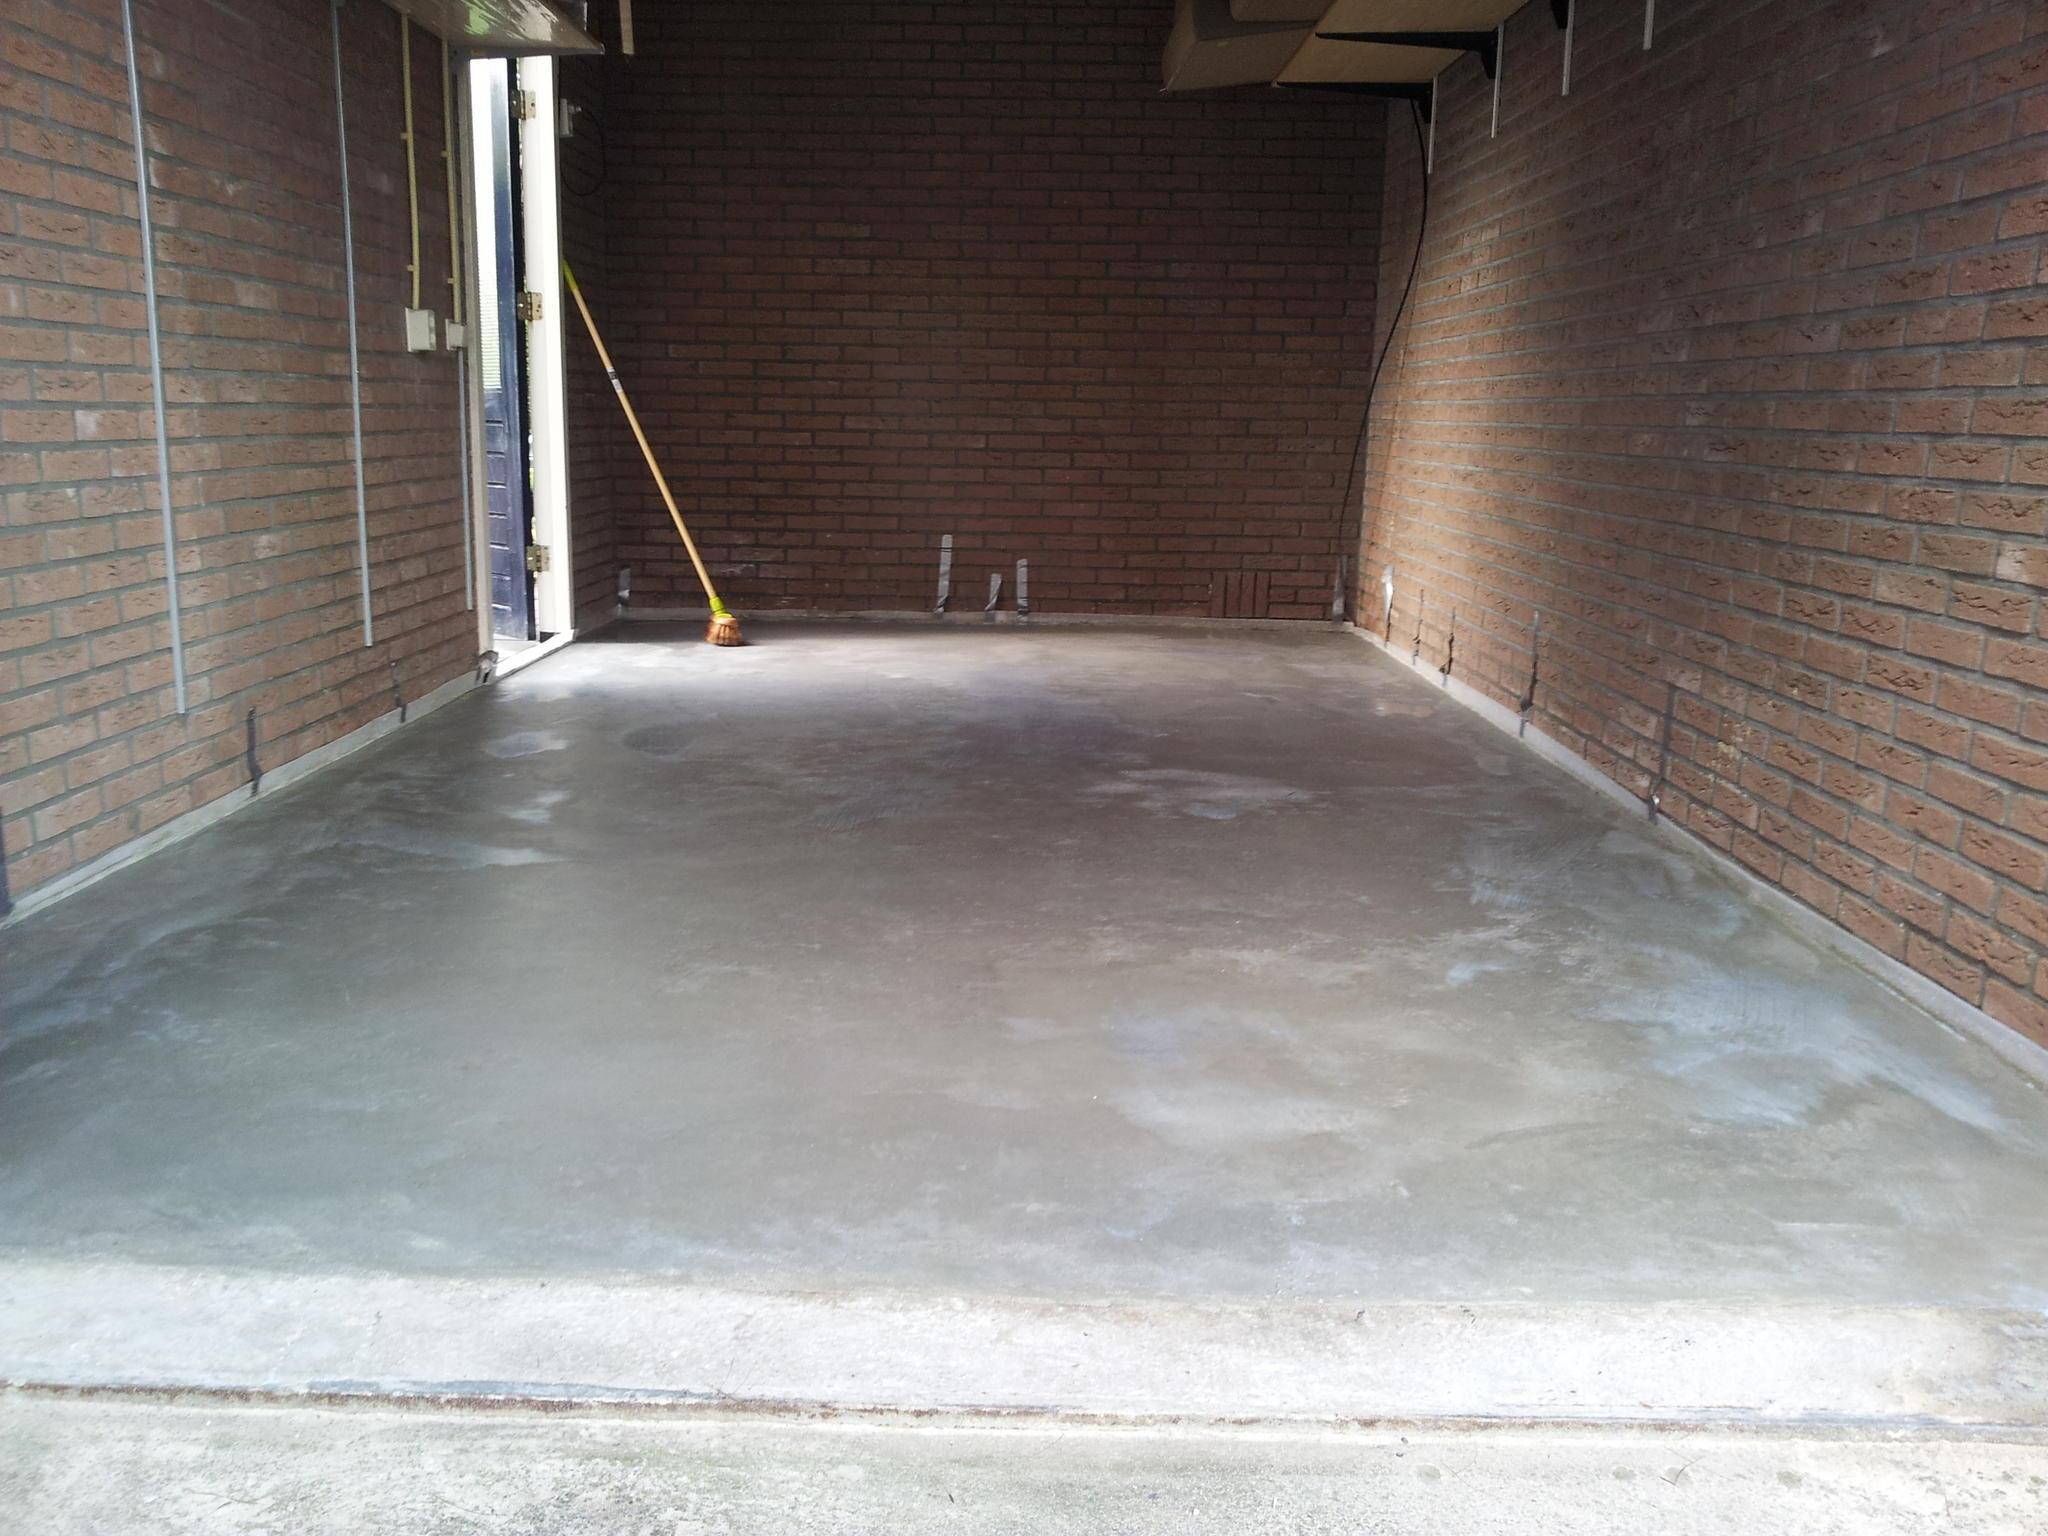 Badkamer Vloer Storten : Kosten storten betonvloer